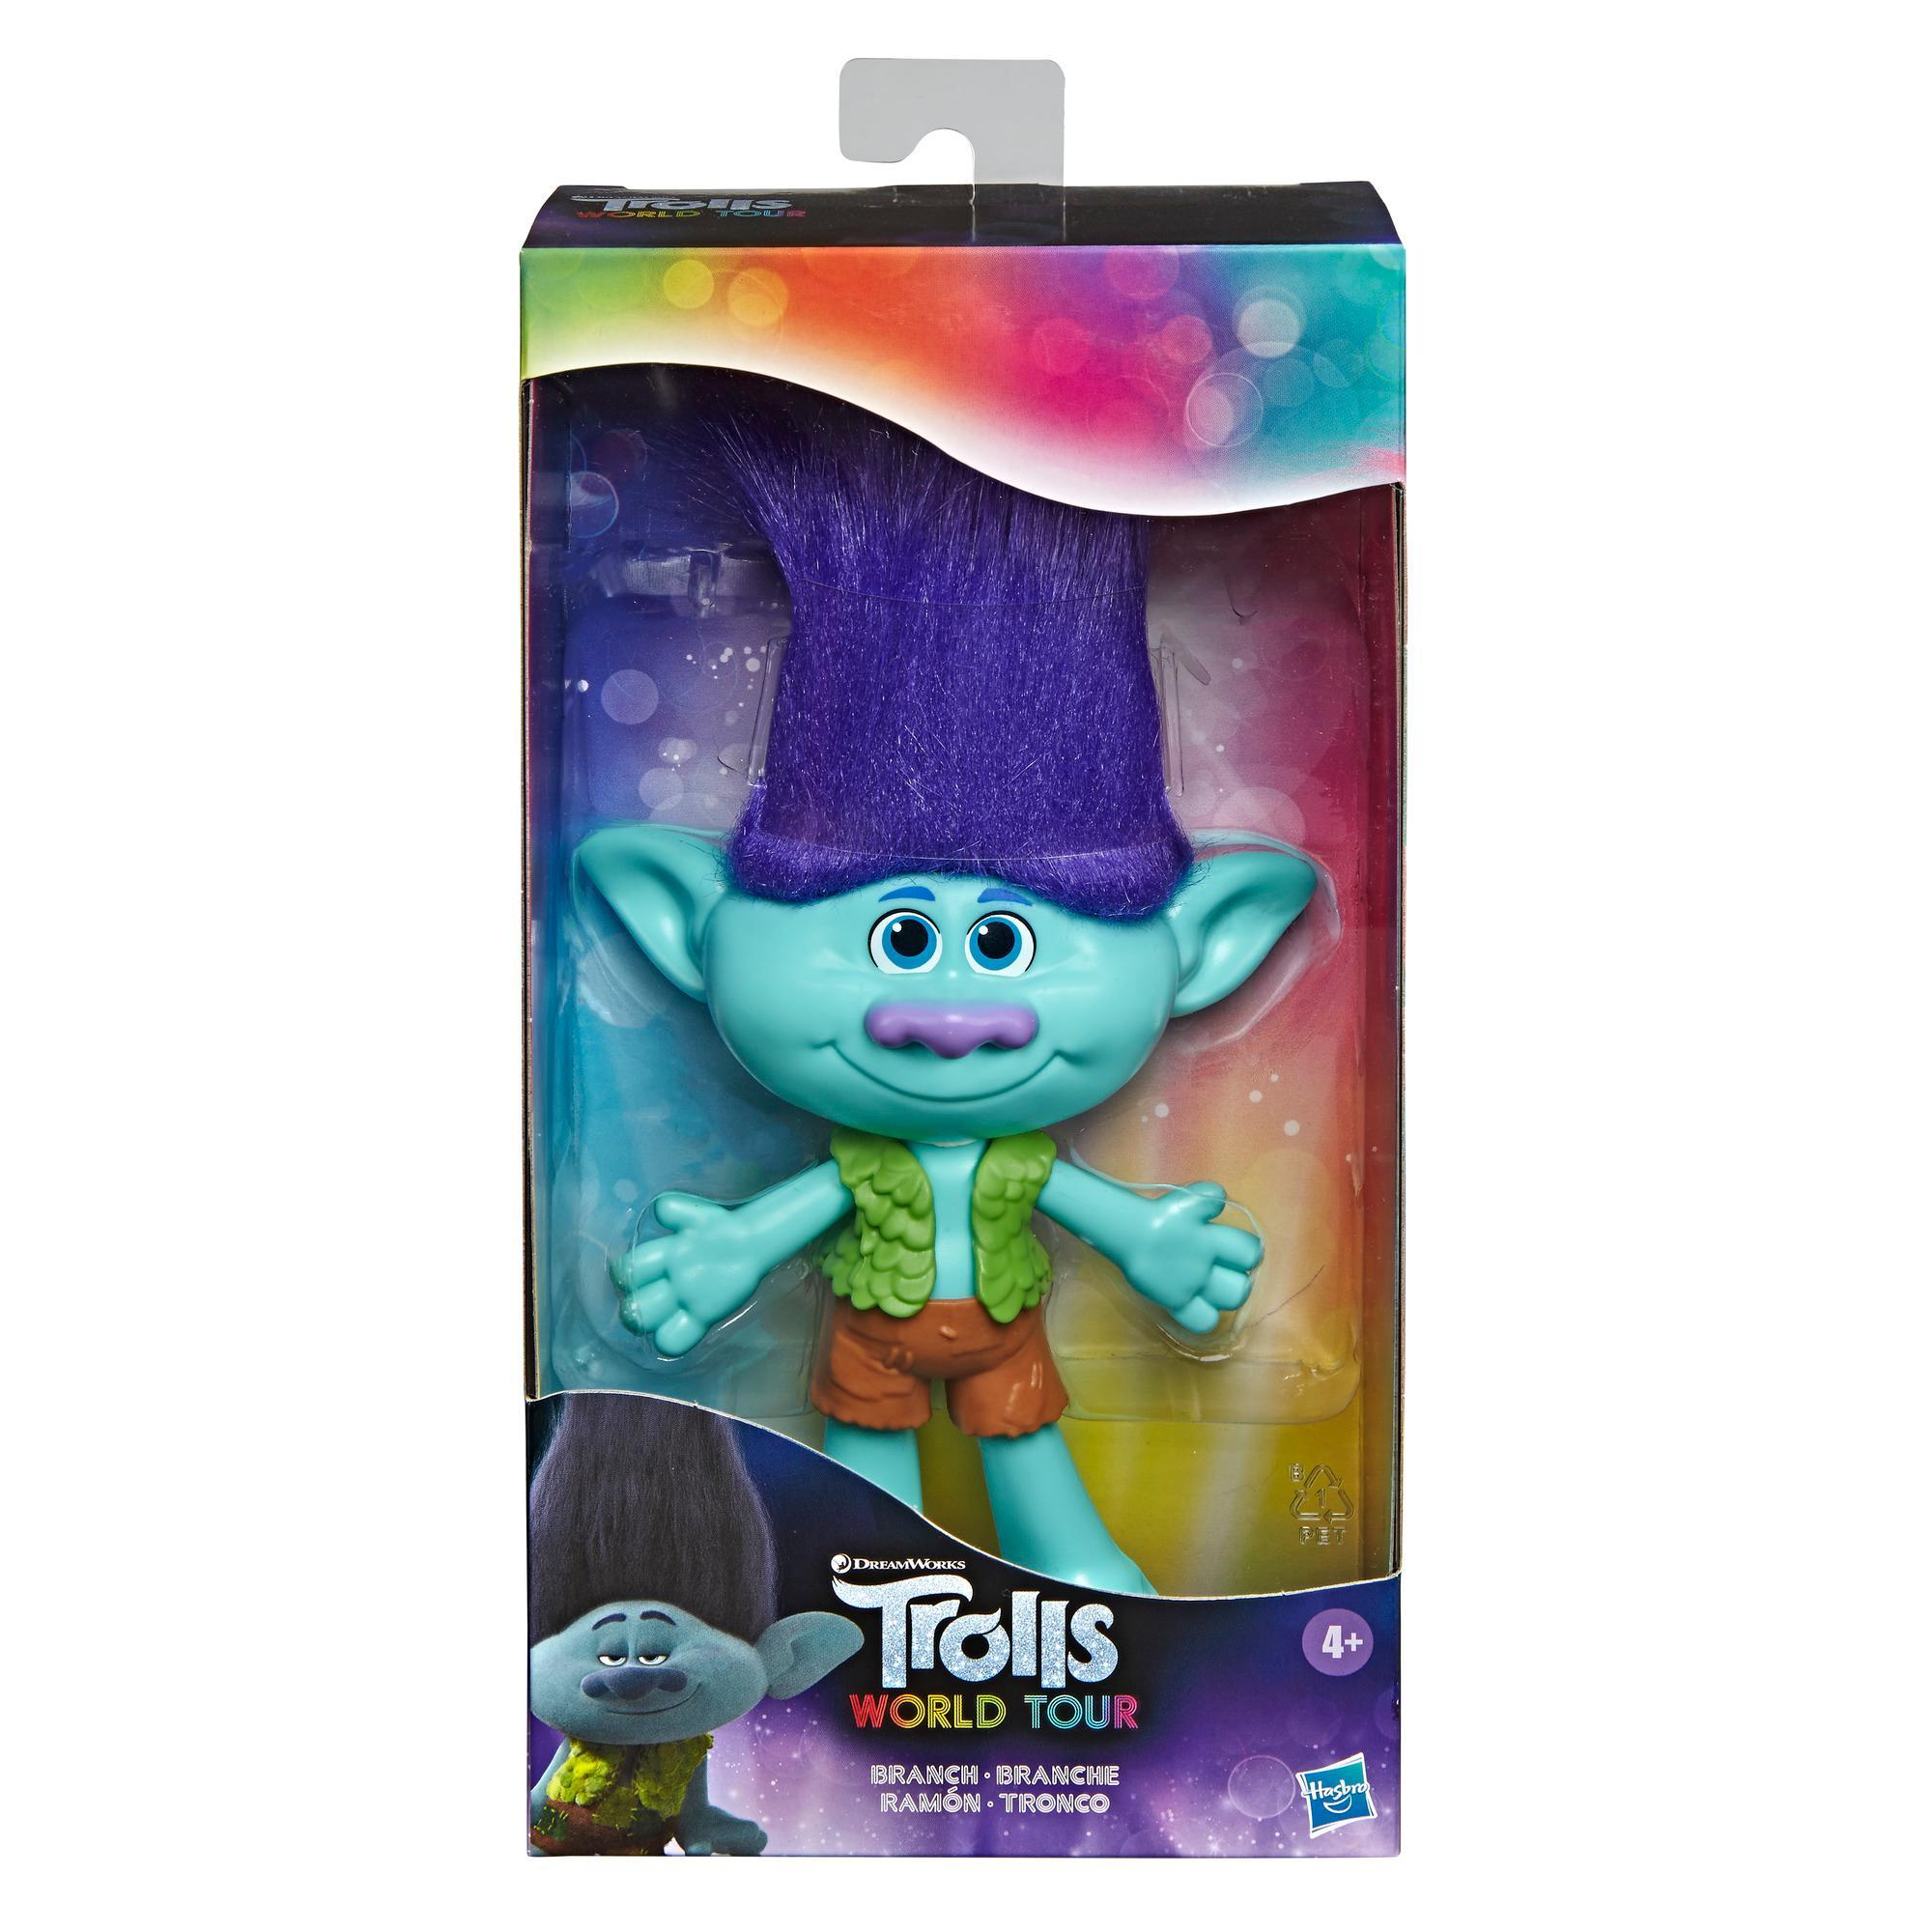 Les Trolls de DreamWorks - Poupée Branche avec veste et short amovibles, inspirée de Trolls World Tour, jouet pour enfants, à partir de 4 ans